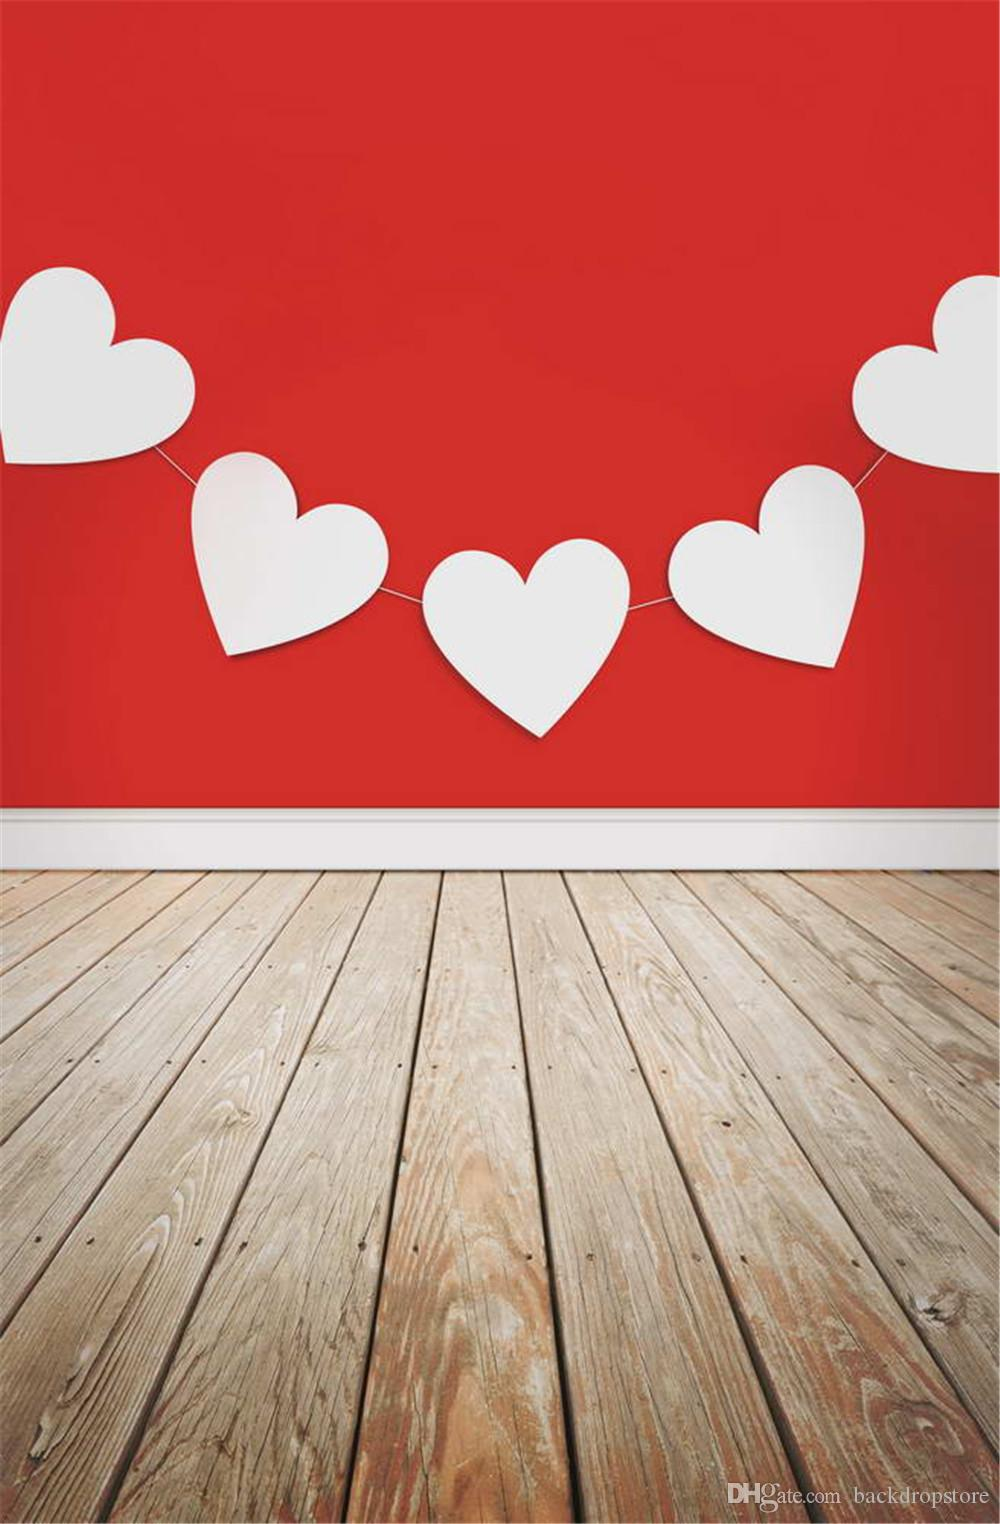 Drukowane Drukowane Biały Papier Miłość Serca Dekorory Na Czerwonej ścianie Fotografia Backdrops Walentynki Baby Photo Shoot Background Wood Floor